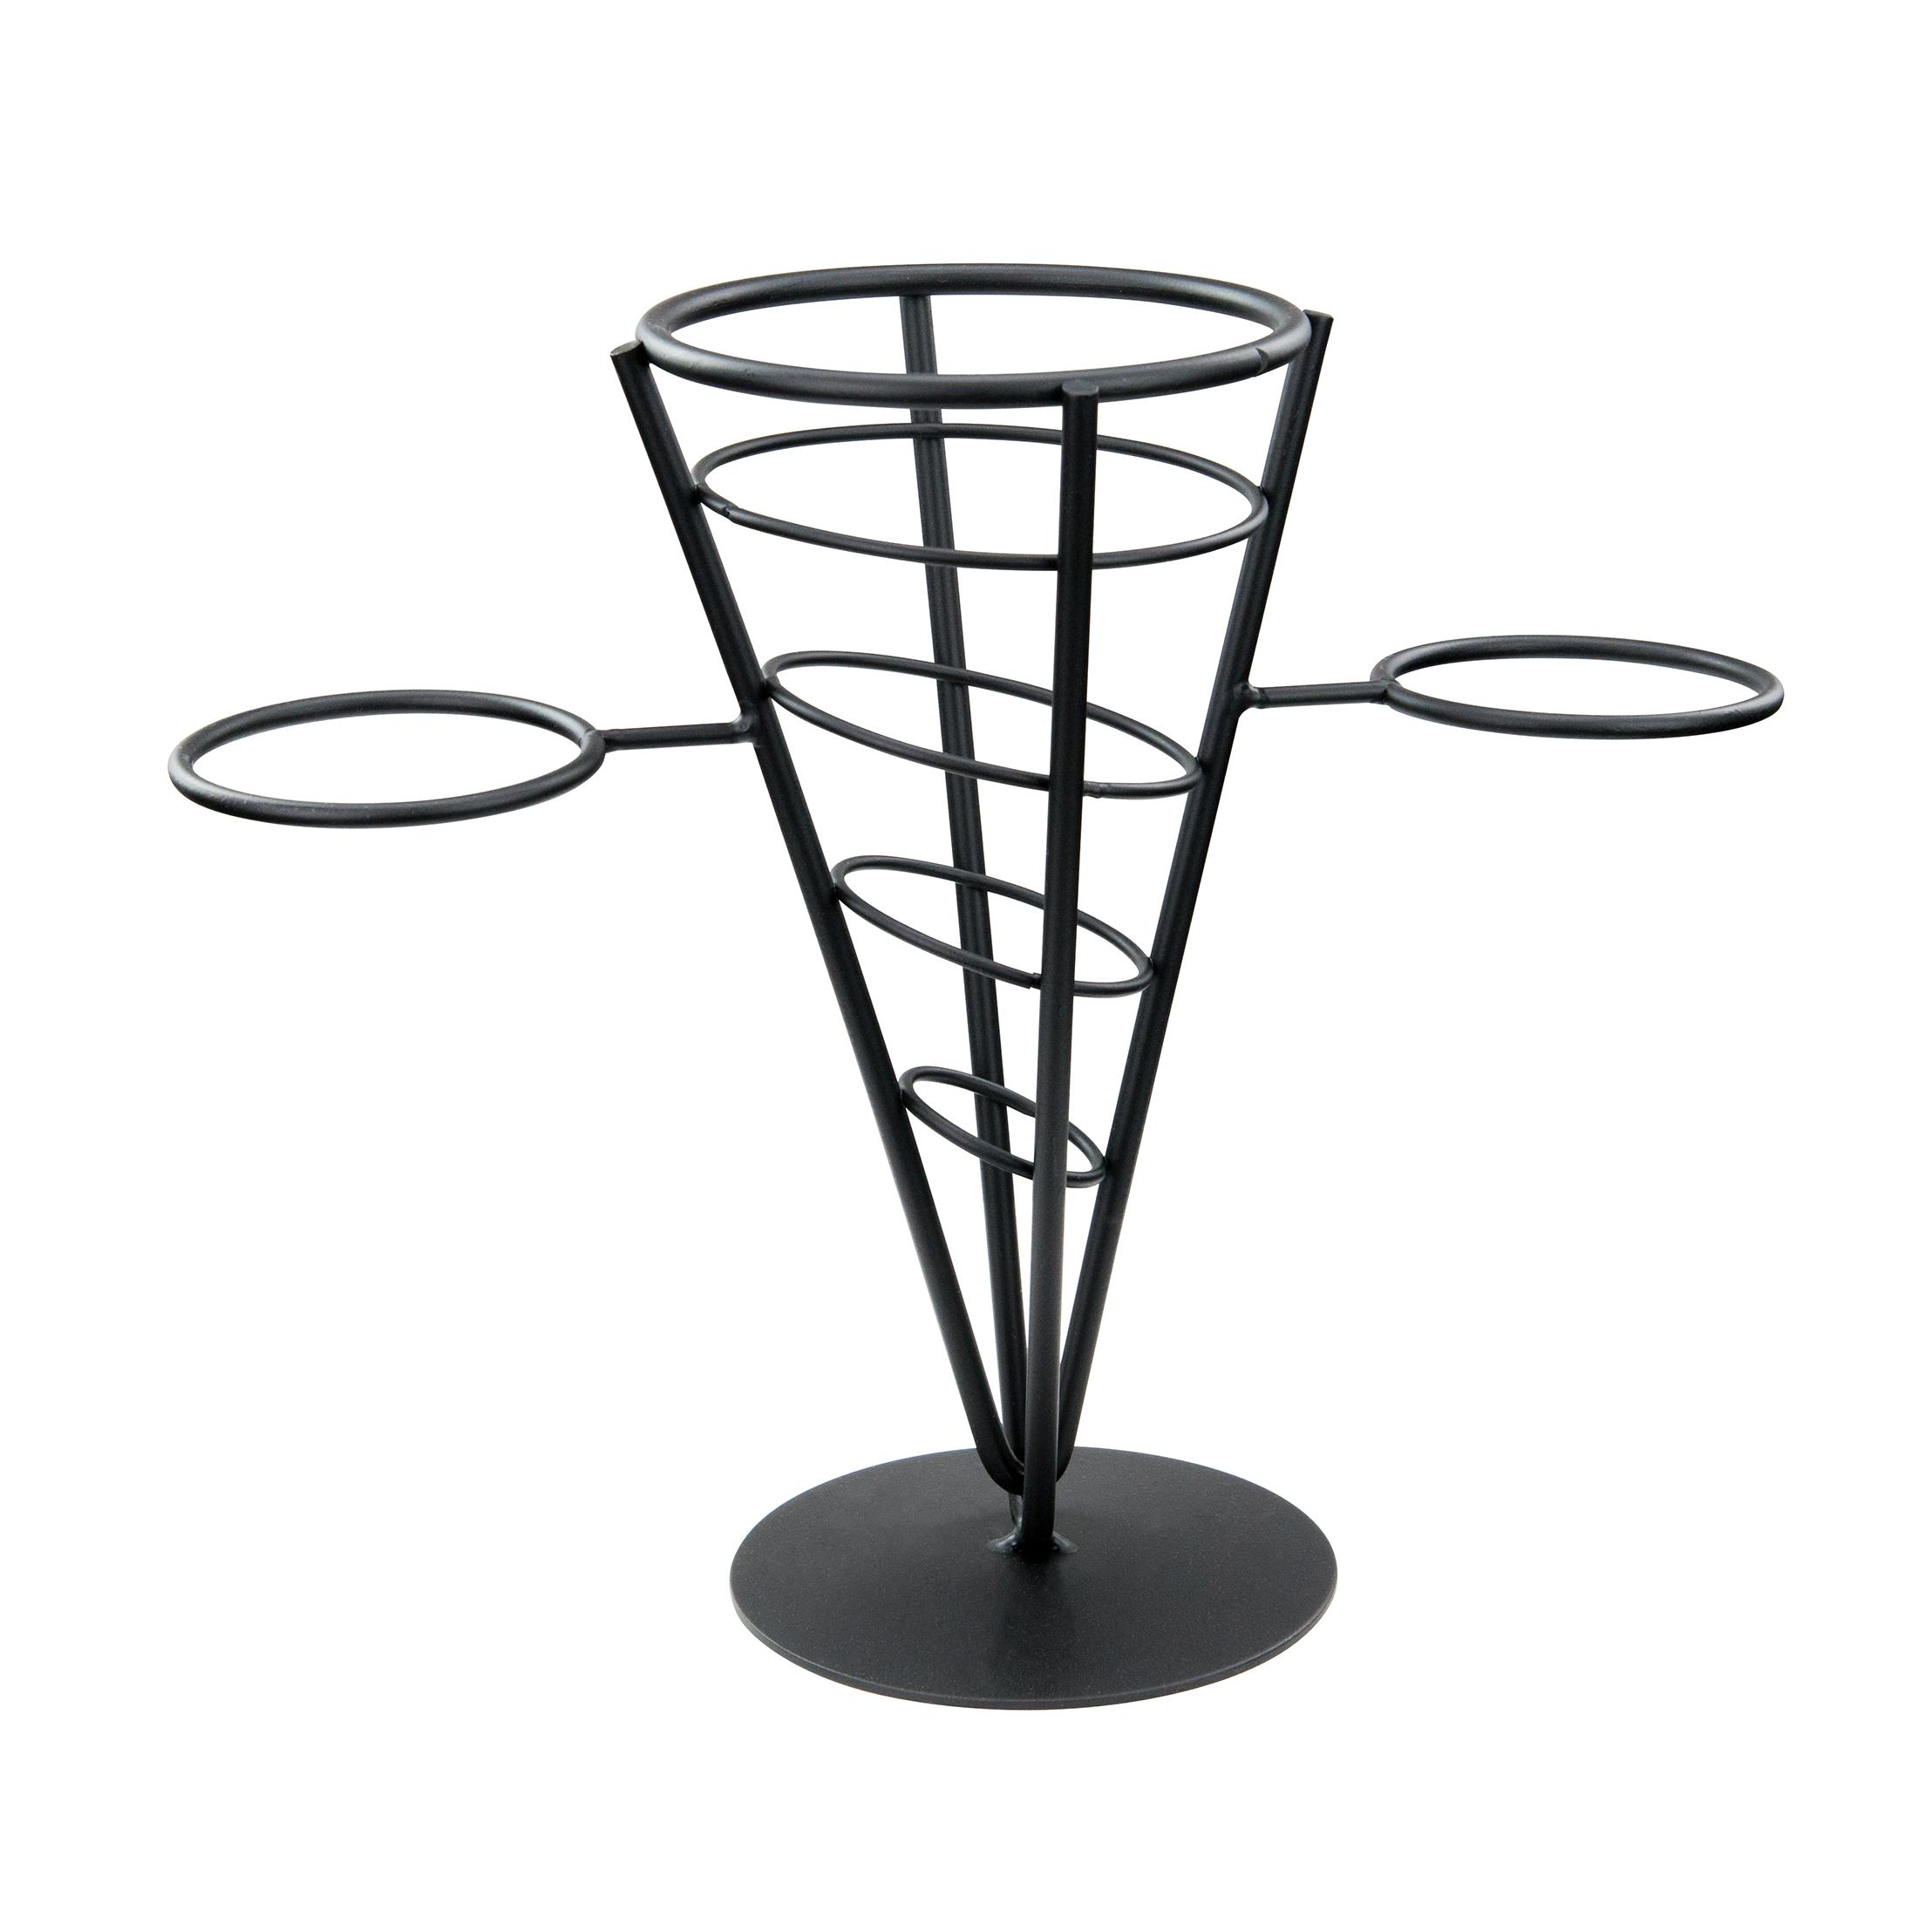 Winco WBKH-5 basket, tabletop, metal